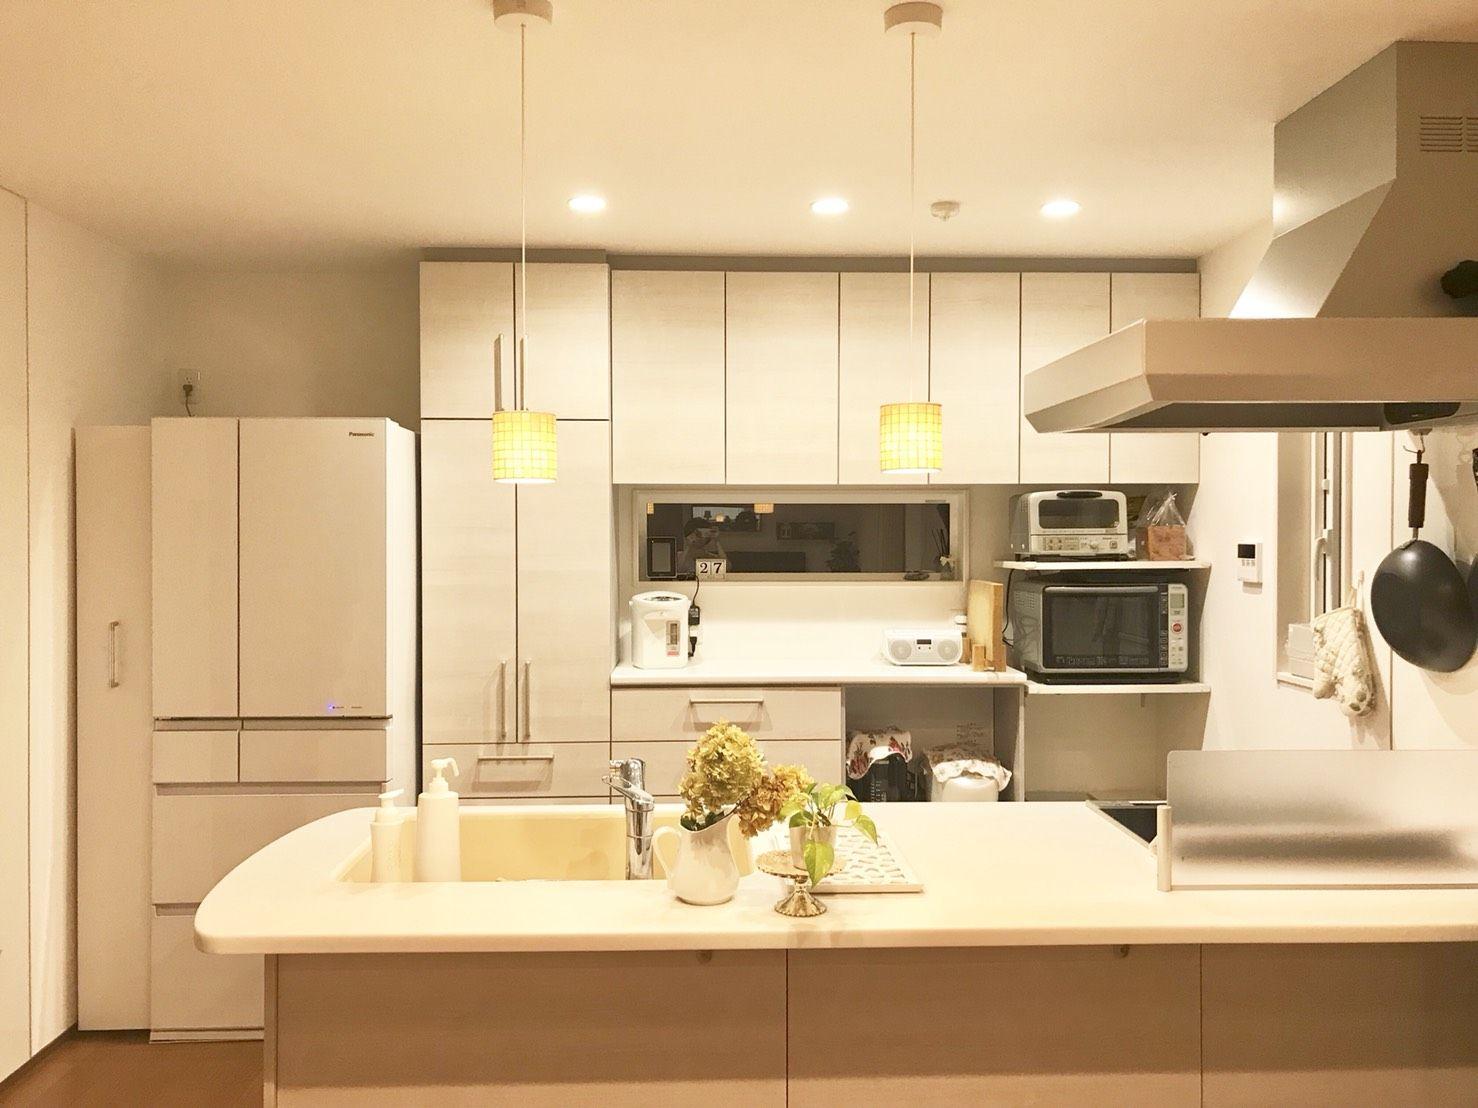 将来置くであろう冷蔵庫サイズを見据えて食器棚の巾を決めてはどうか 冷蔵庫を置くスペースは広めに確保してはどうか という話 aさんちのキッチン全景 掲載許可を 冷蔵庫 サイズ リビング キッチン リフォーム 間取り